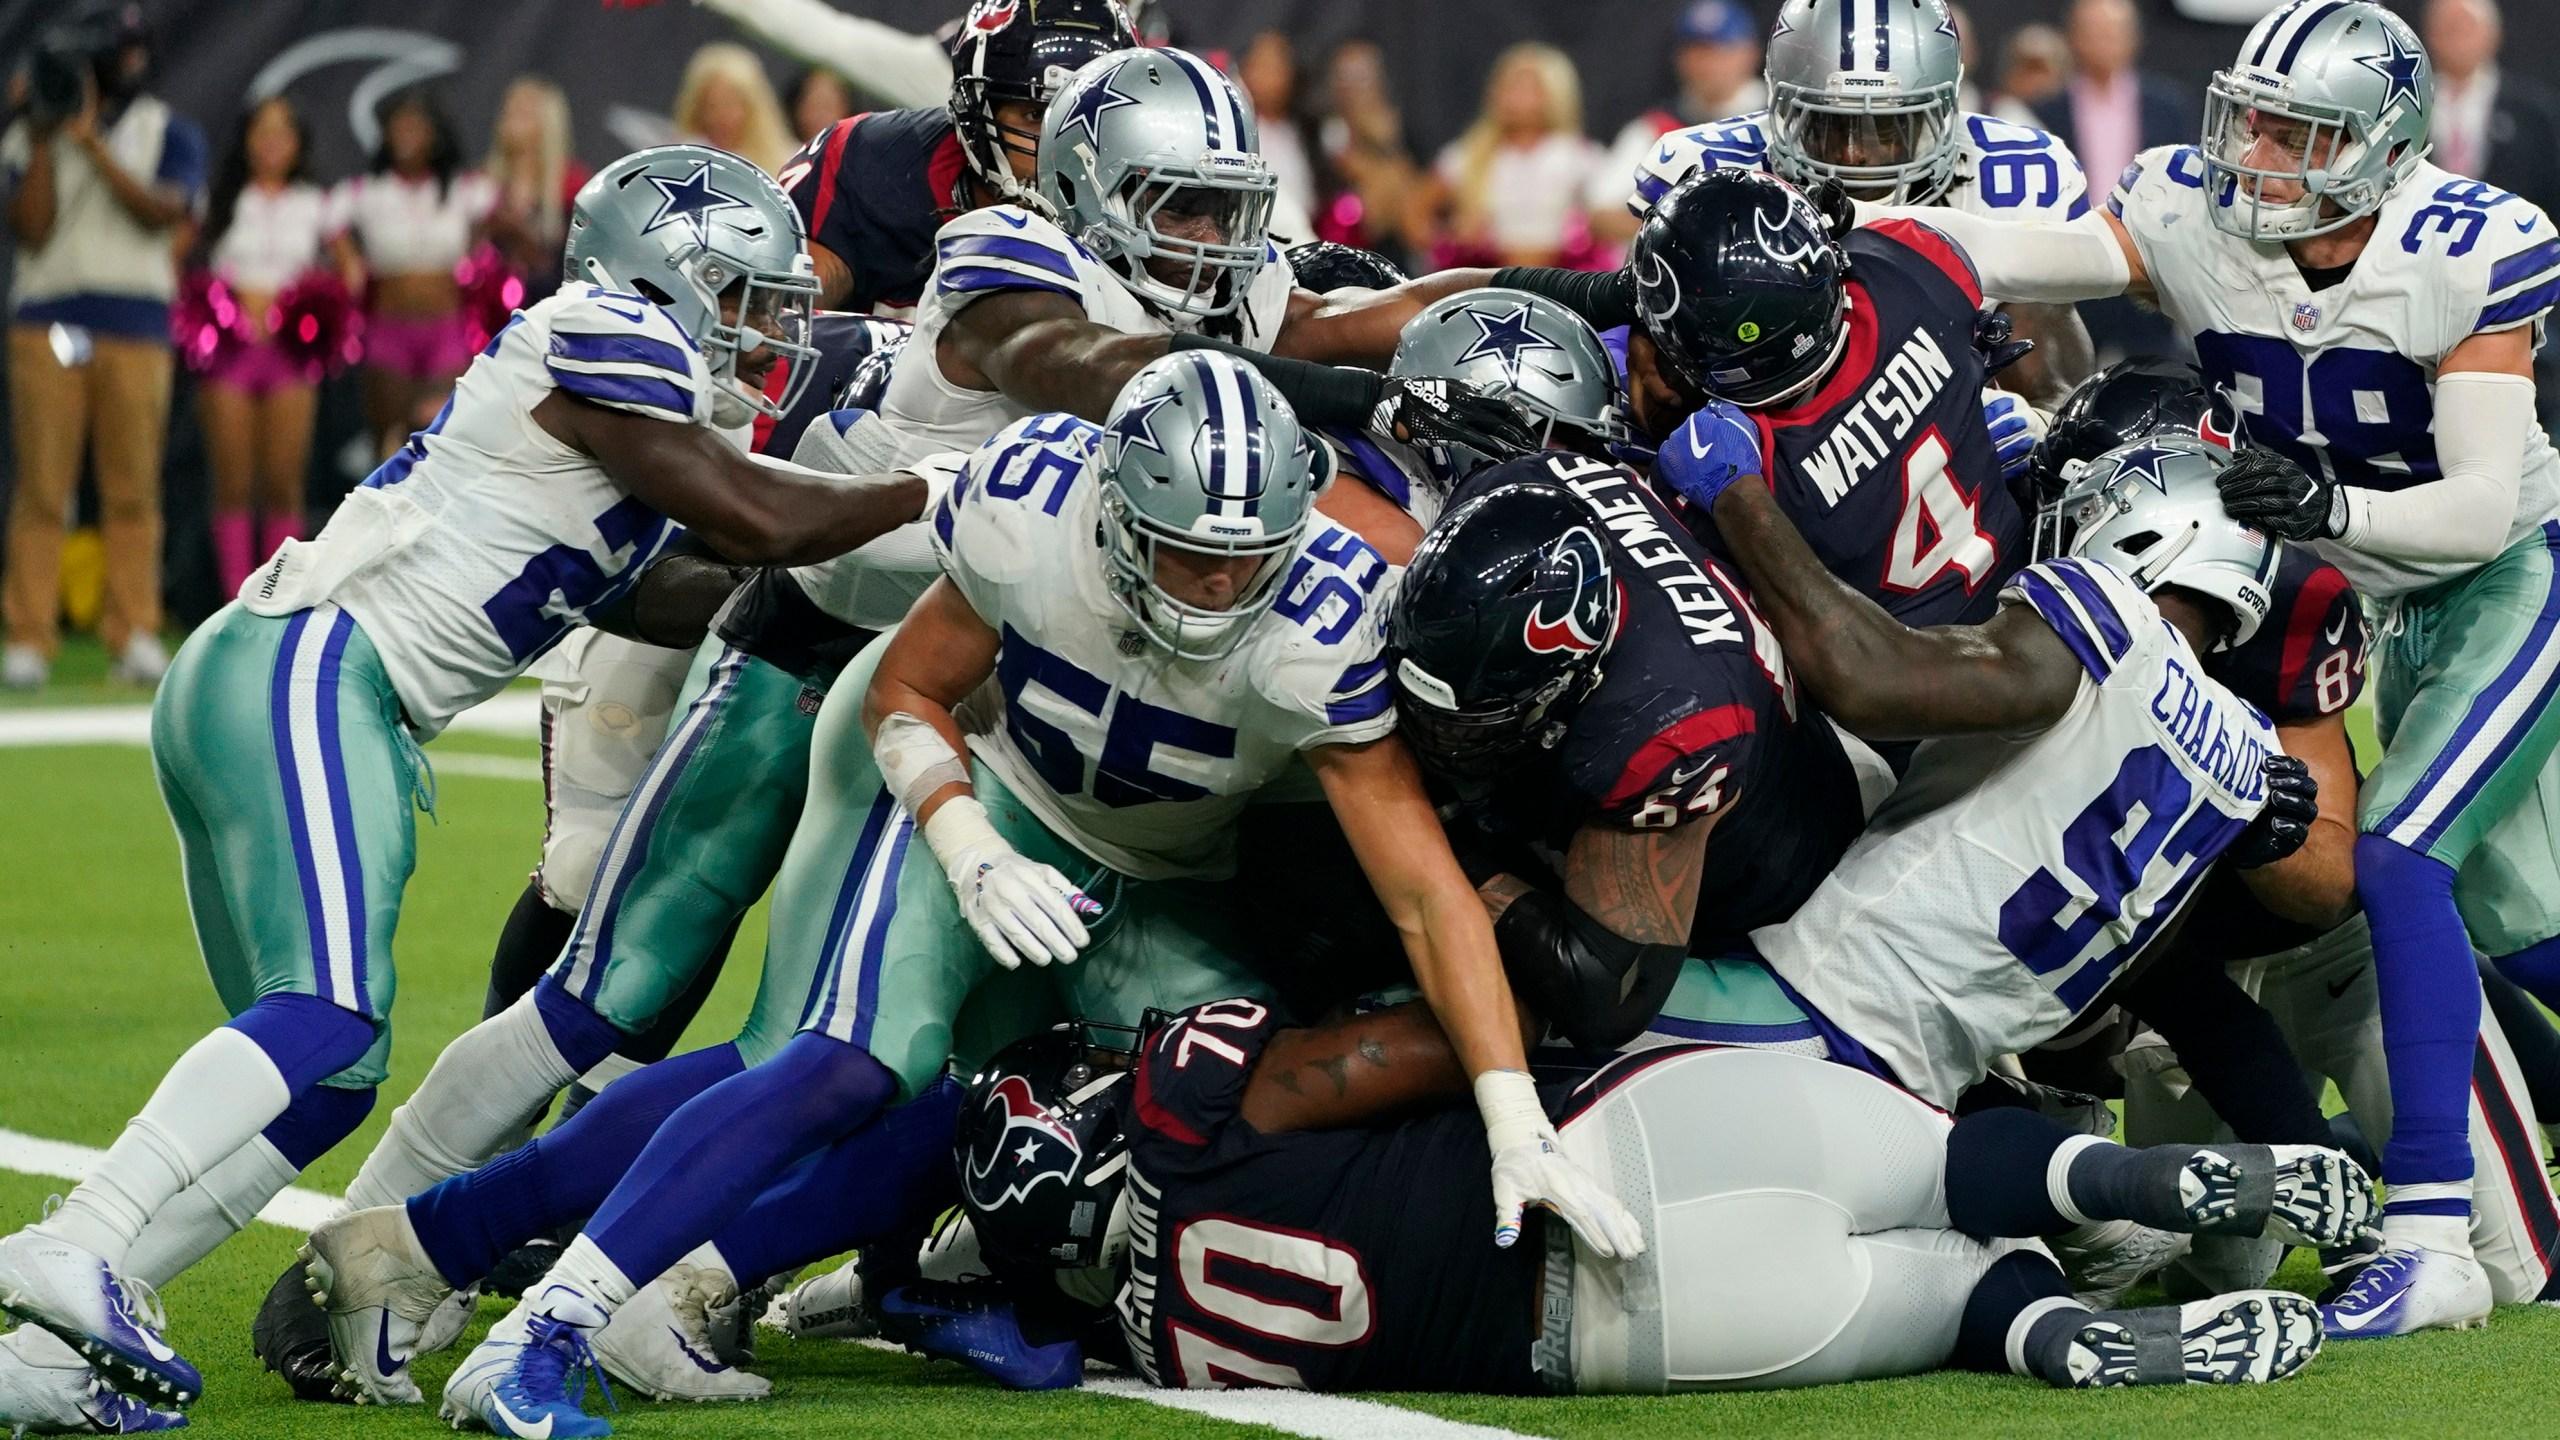 Cowboys_Texans_Football_54925-159532-159532.jpg79612052